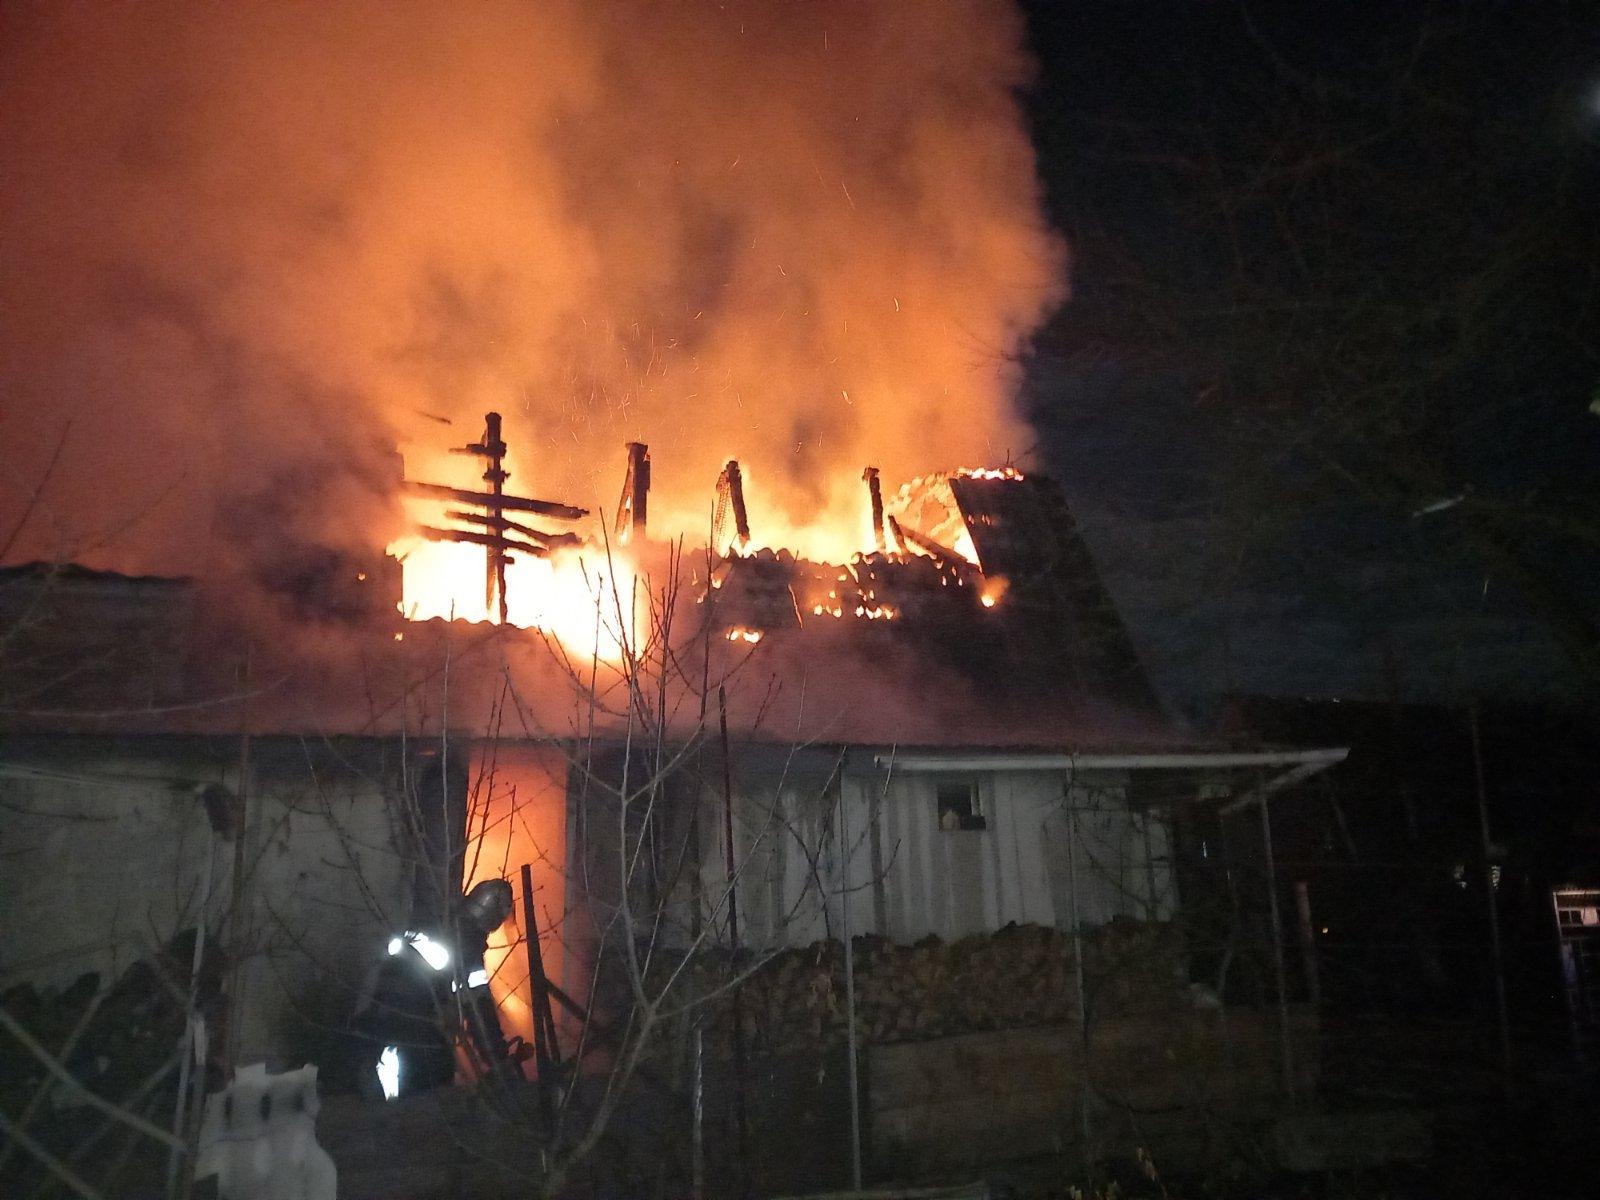 Харьковчанин едва не сгорел на даче  (фото)